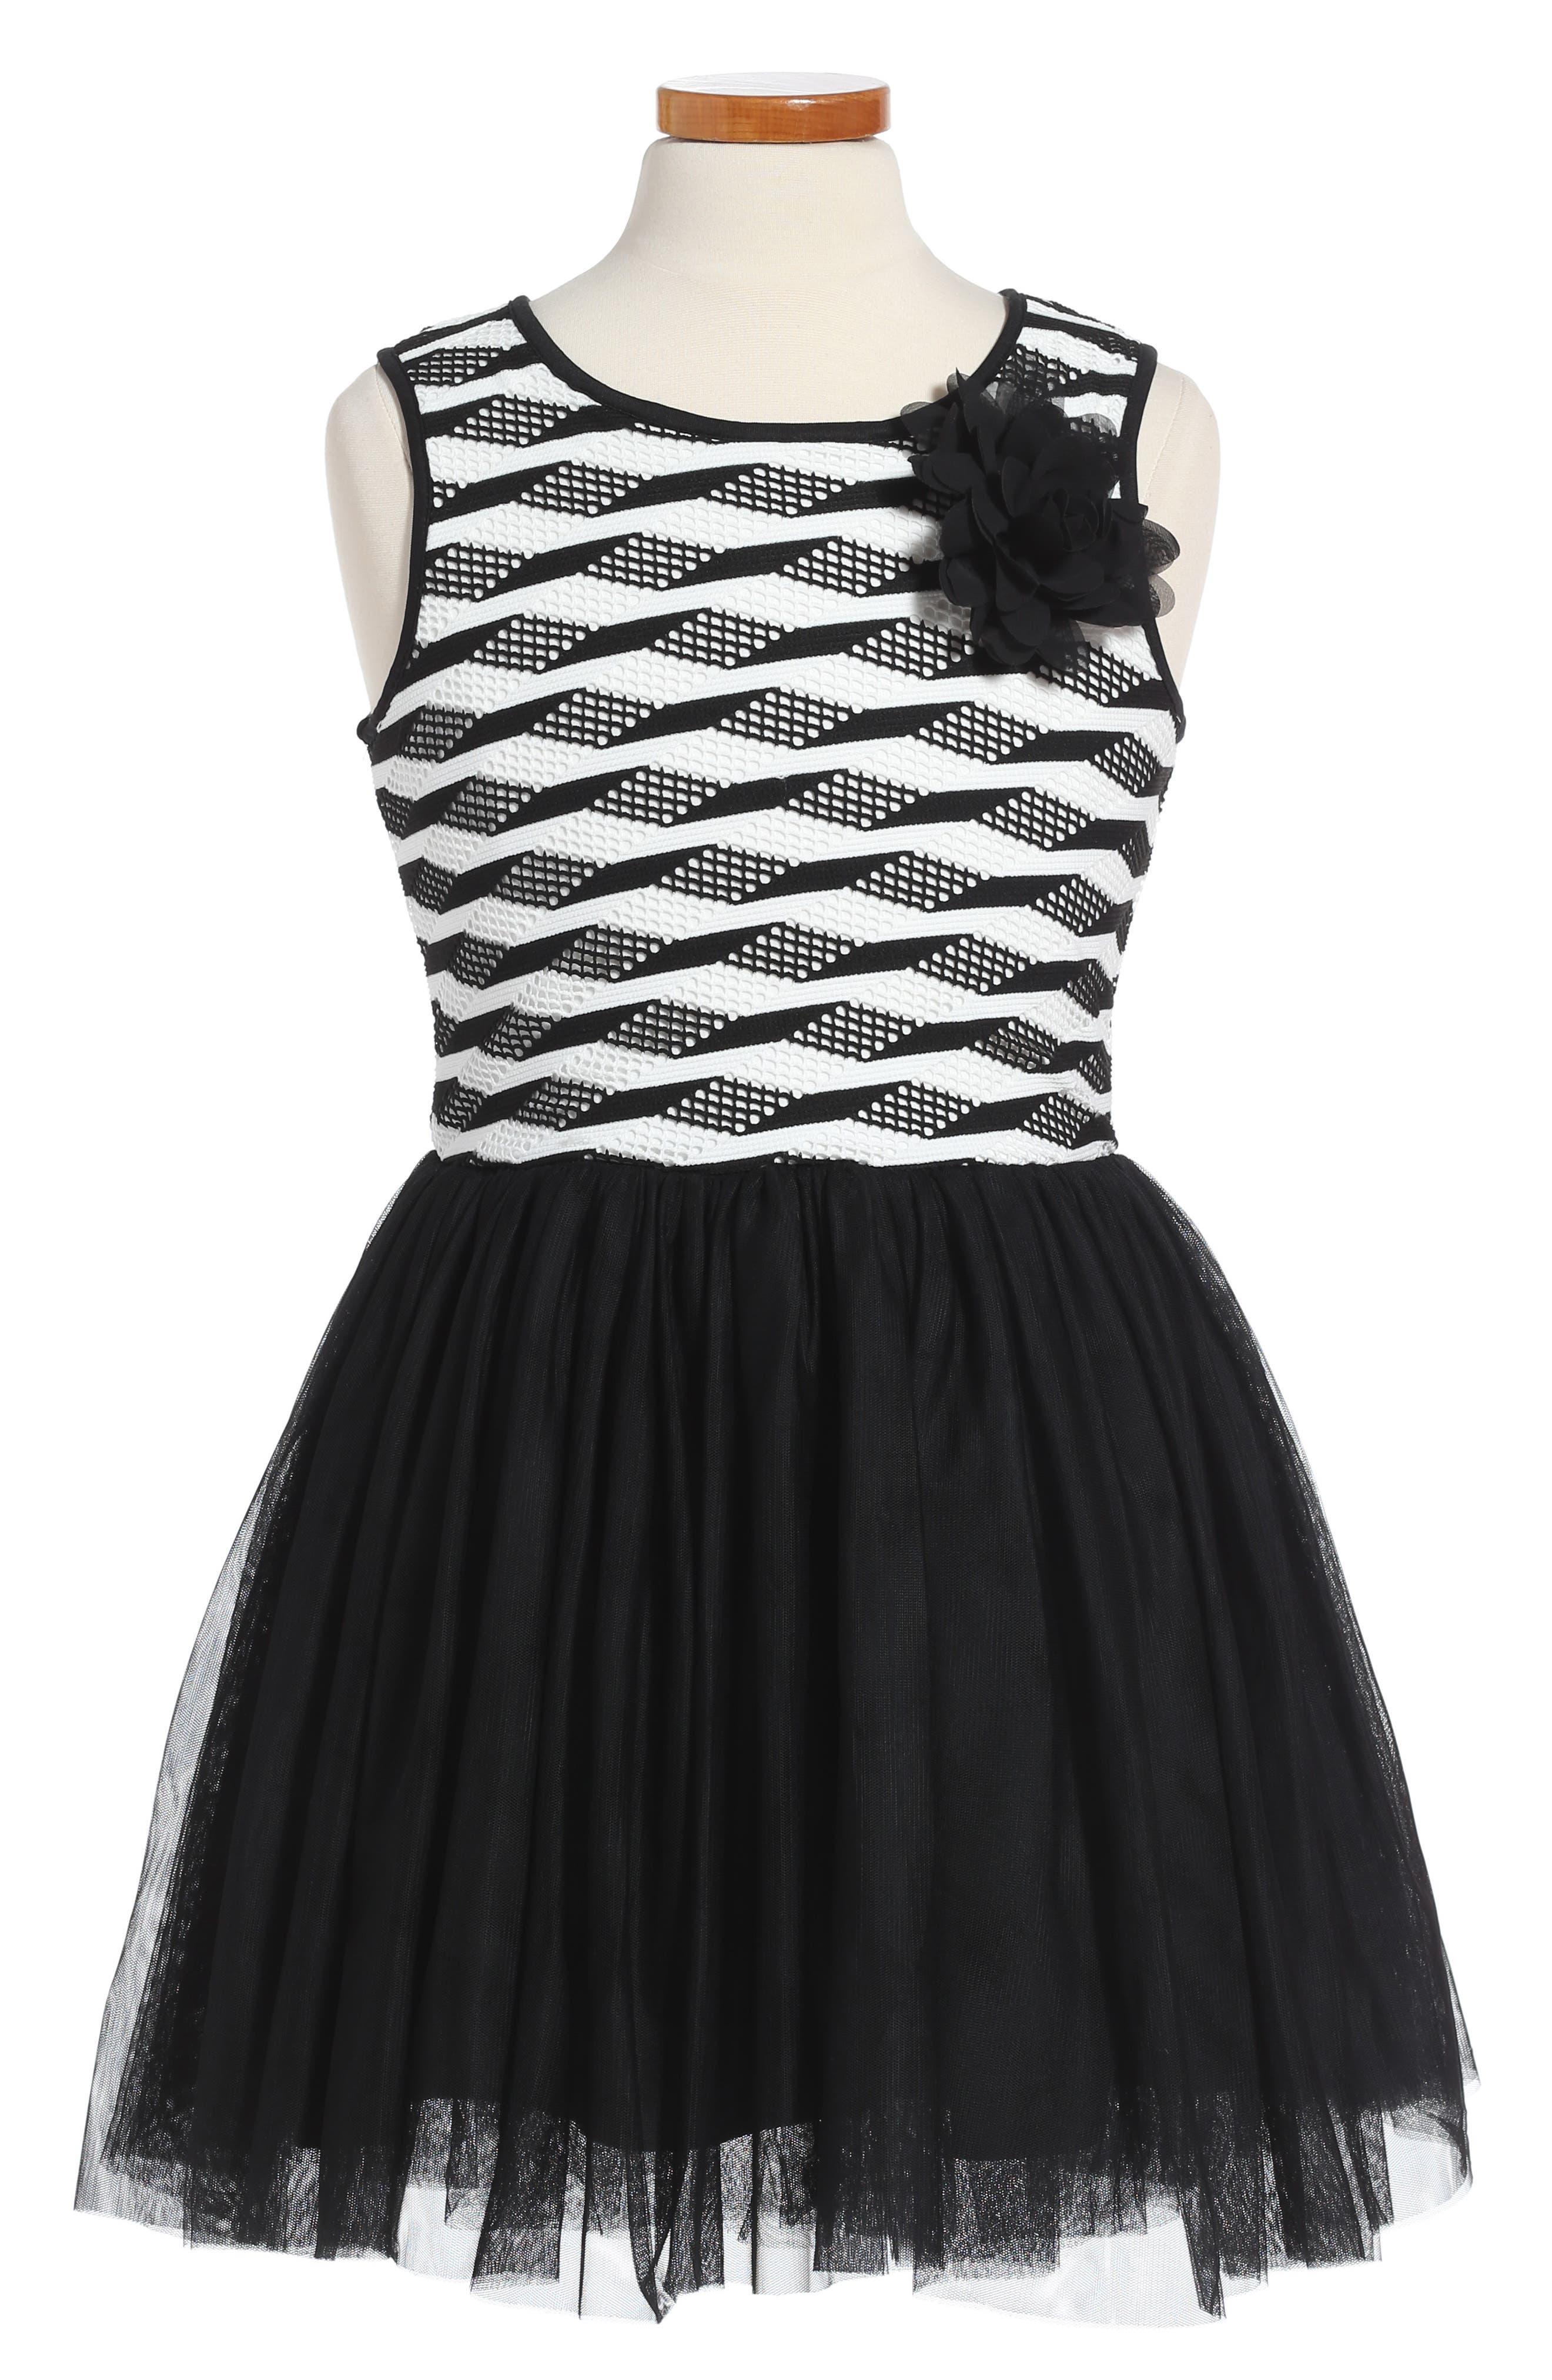 Main Image - Pippa & Julie Stripe Tutu Dress (Toddler Girls, Little Girls & Big Girls)